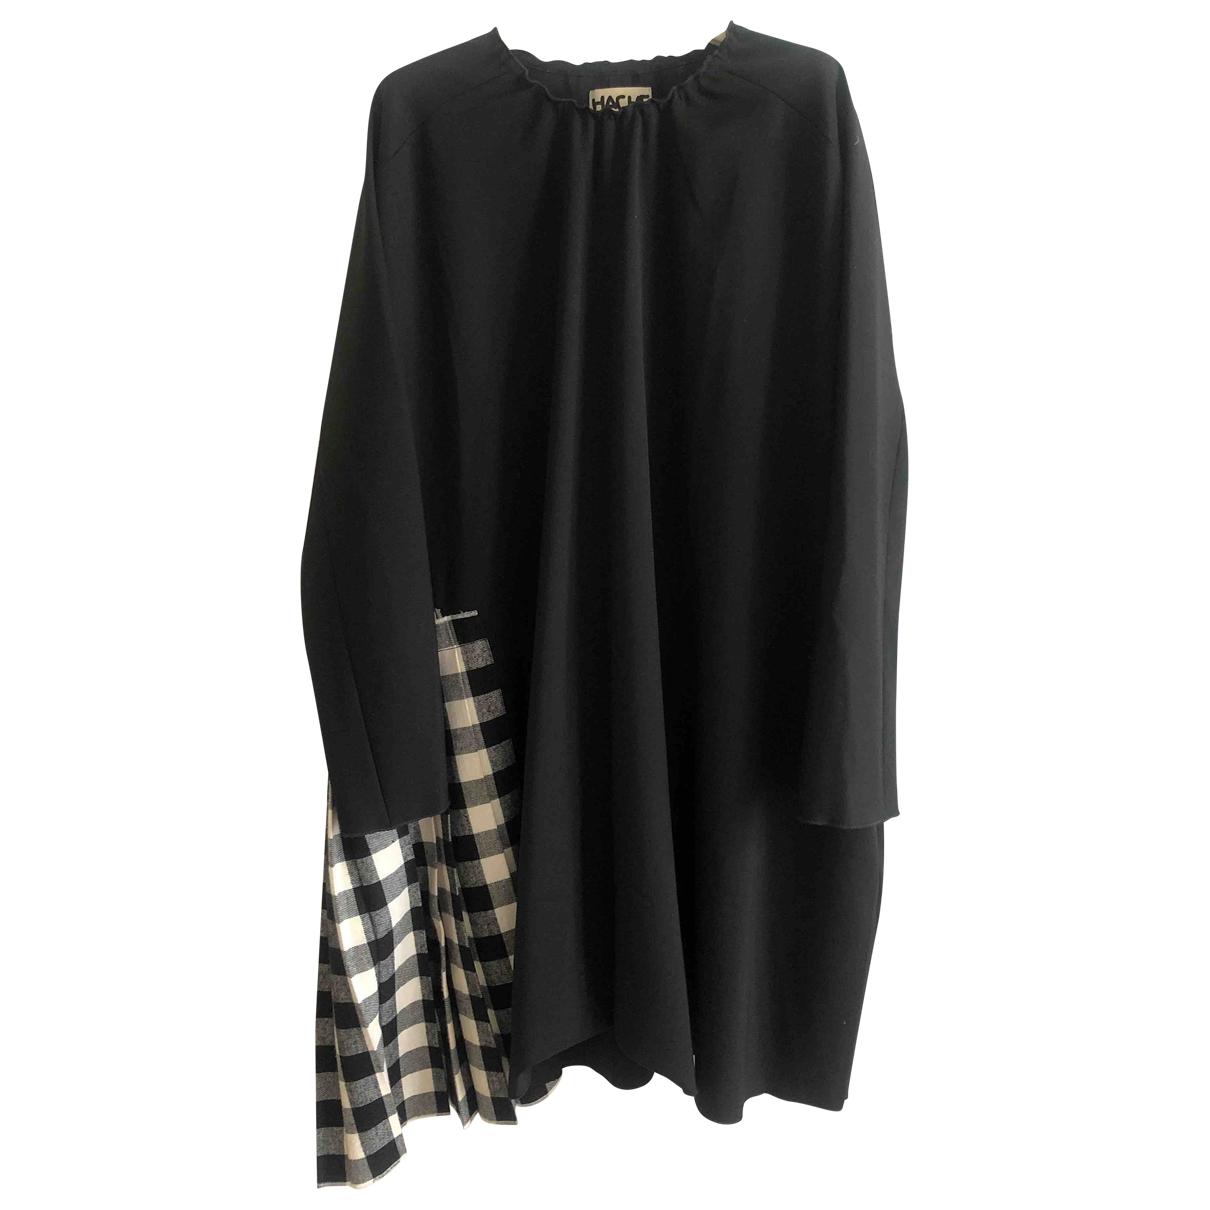 Hache \N Black dress for Women 42 IT